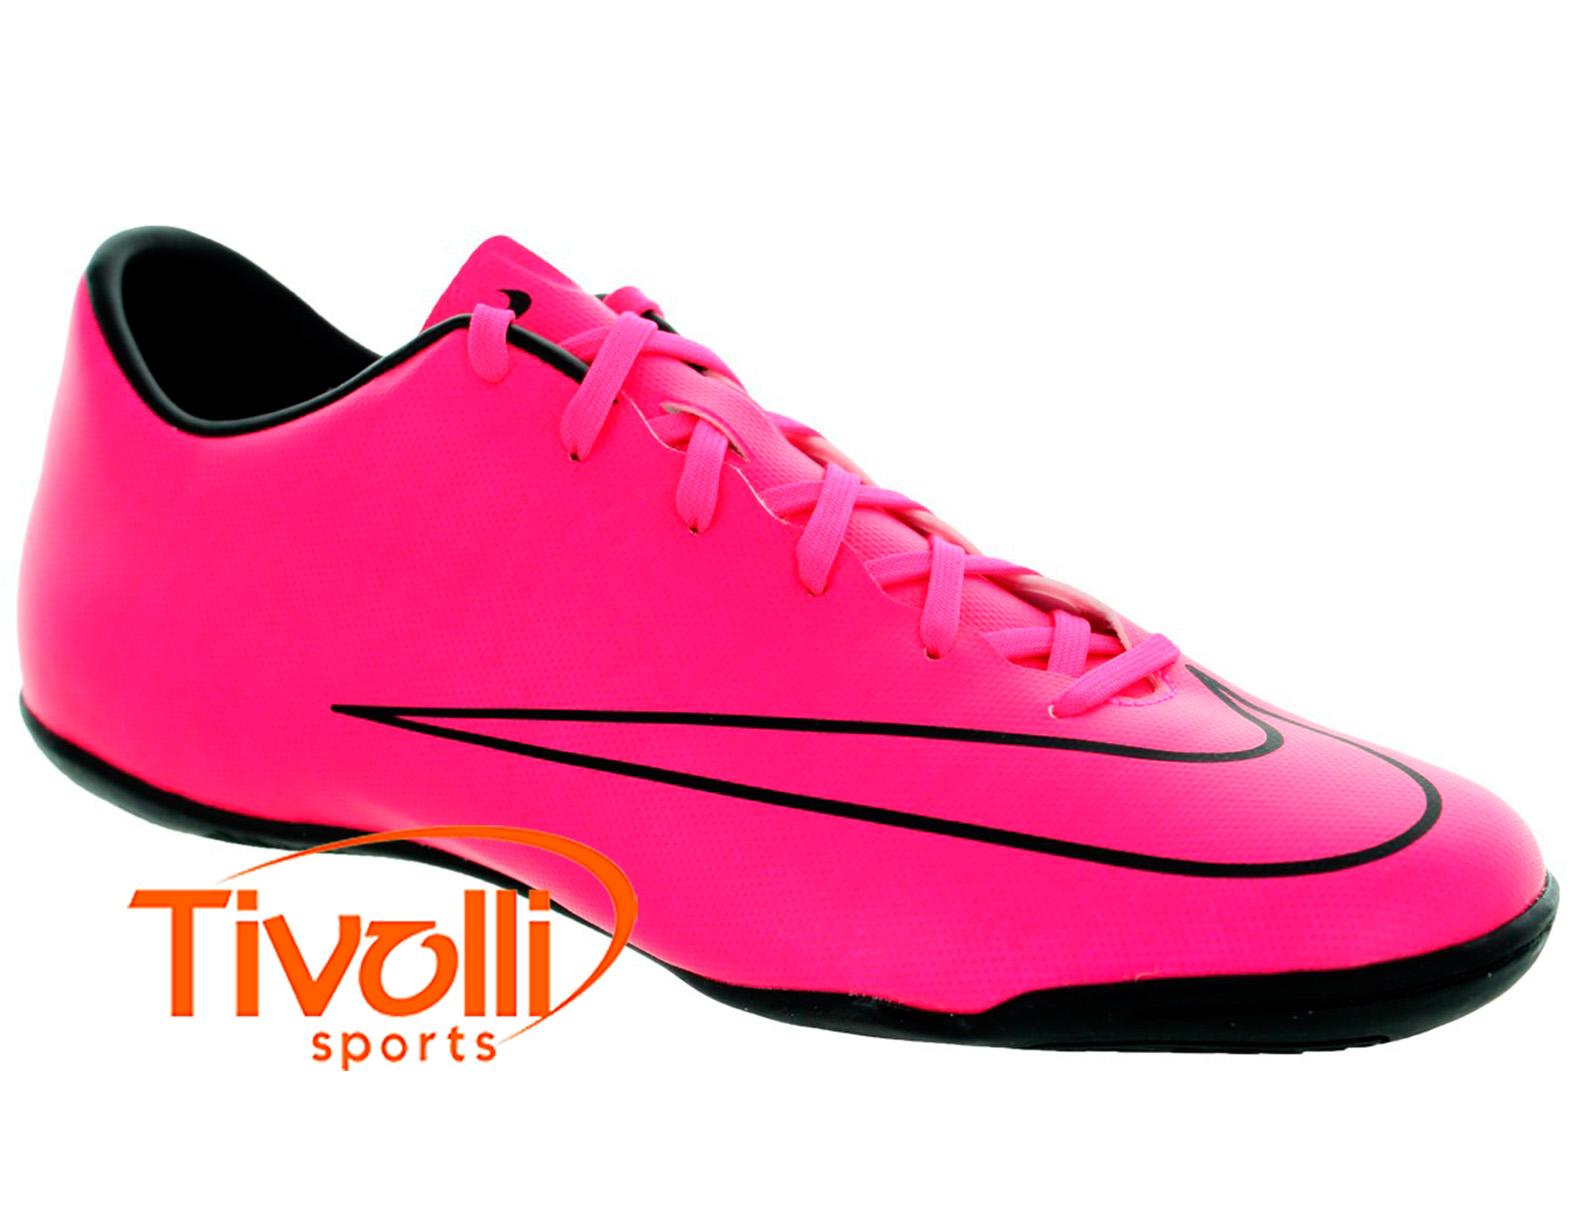 6dcabc00978cb Black Friday - Chuteira Nike Indoor Mercurial Victory V IC Futsal rosa e  preto